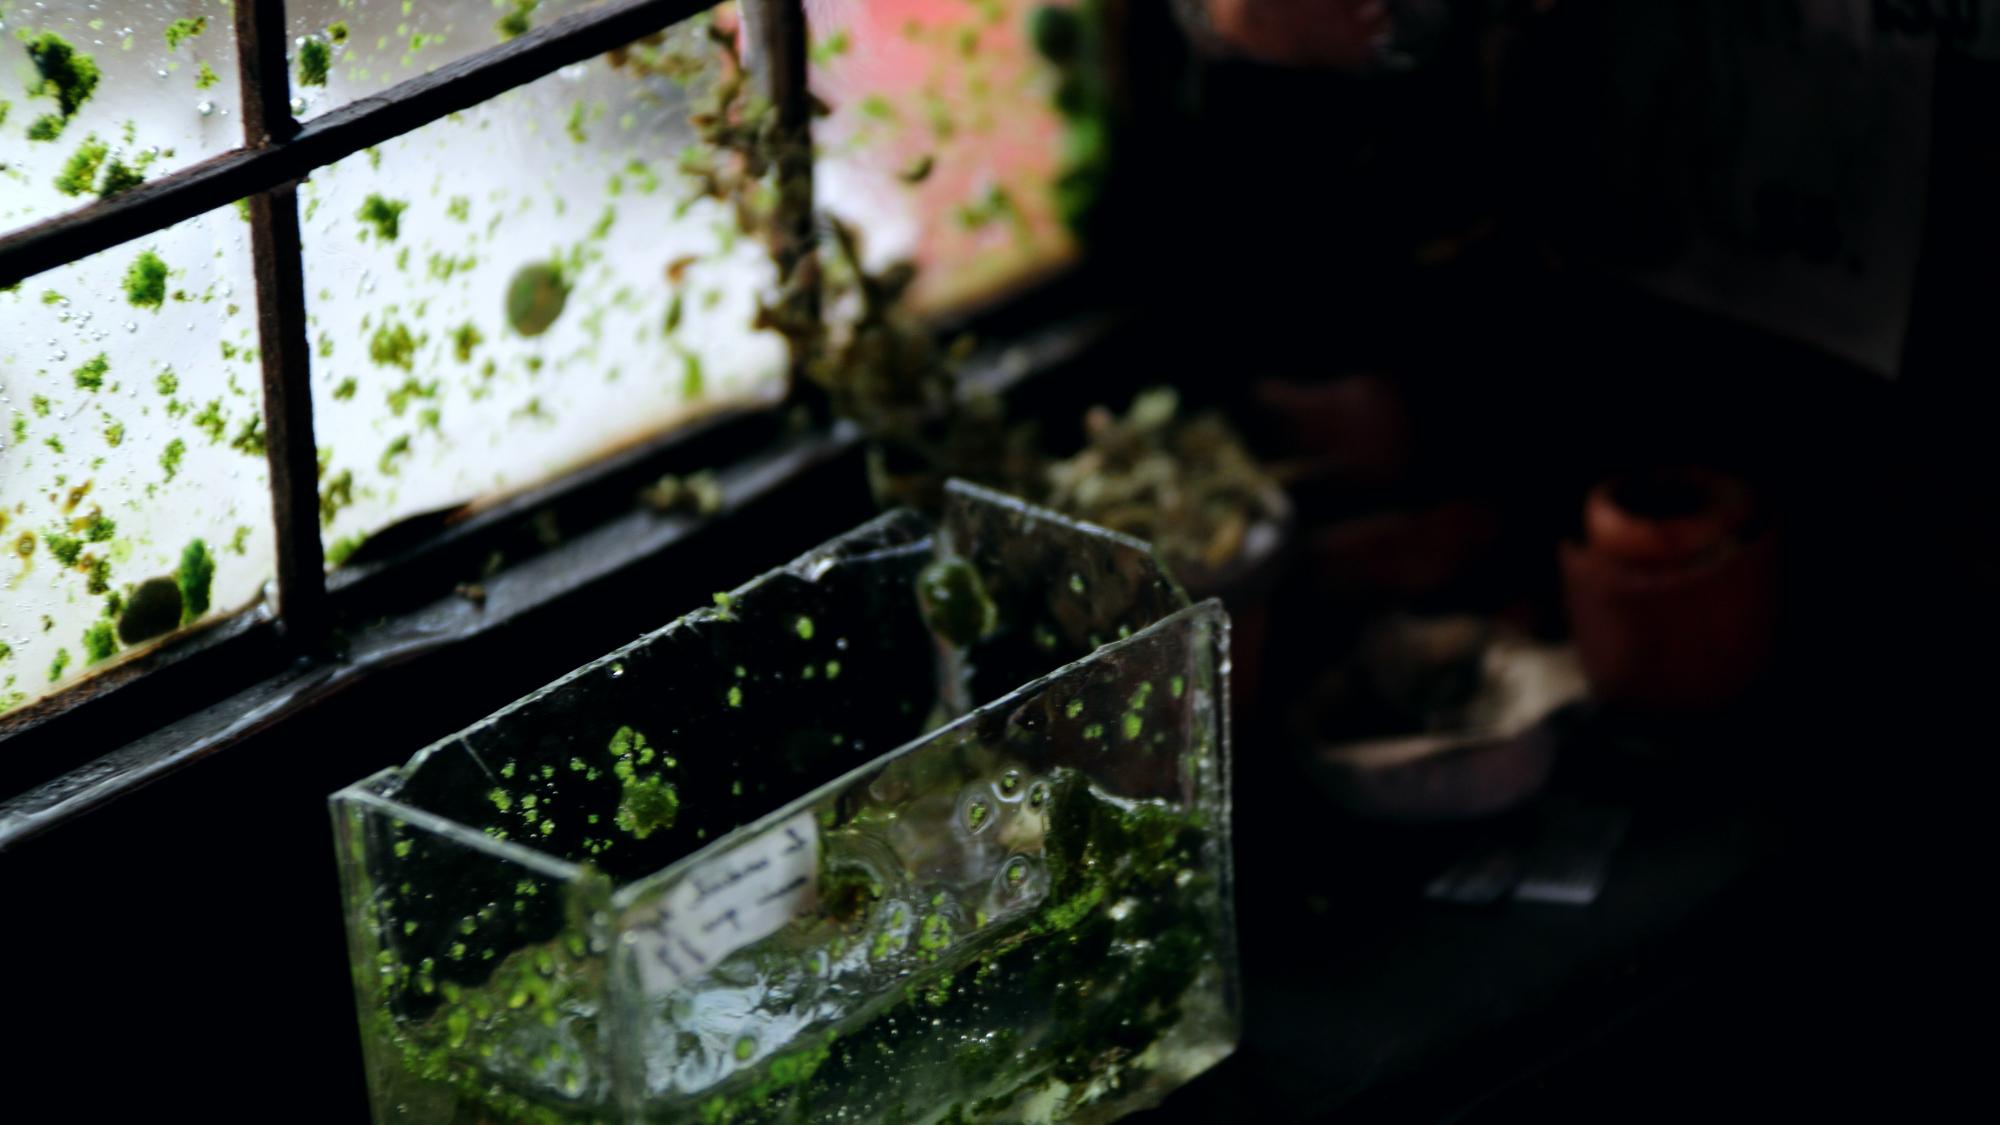 【微缩场景】论如何徒手制作一间隐匿于水中的微缩小屋!? (又名:水中屋《沉》